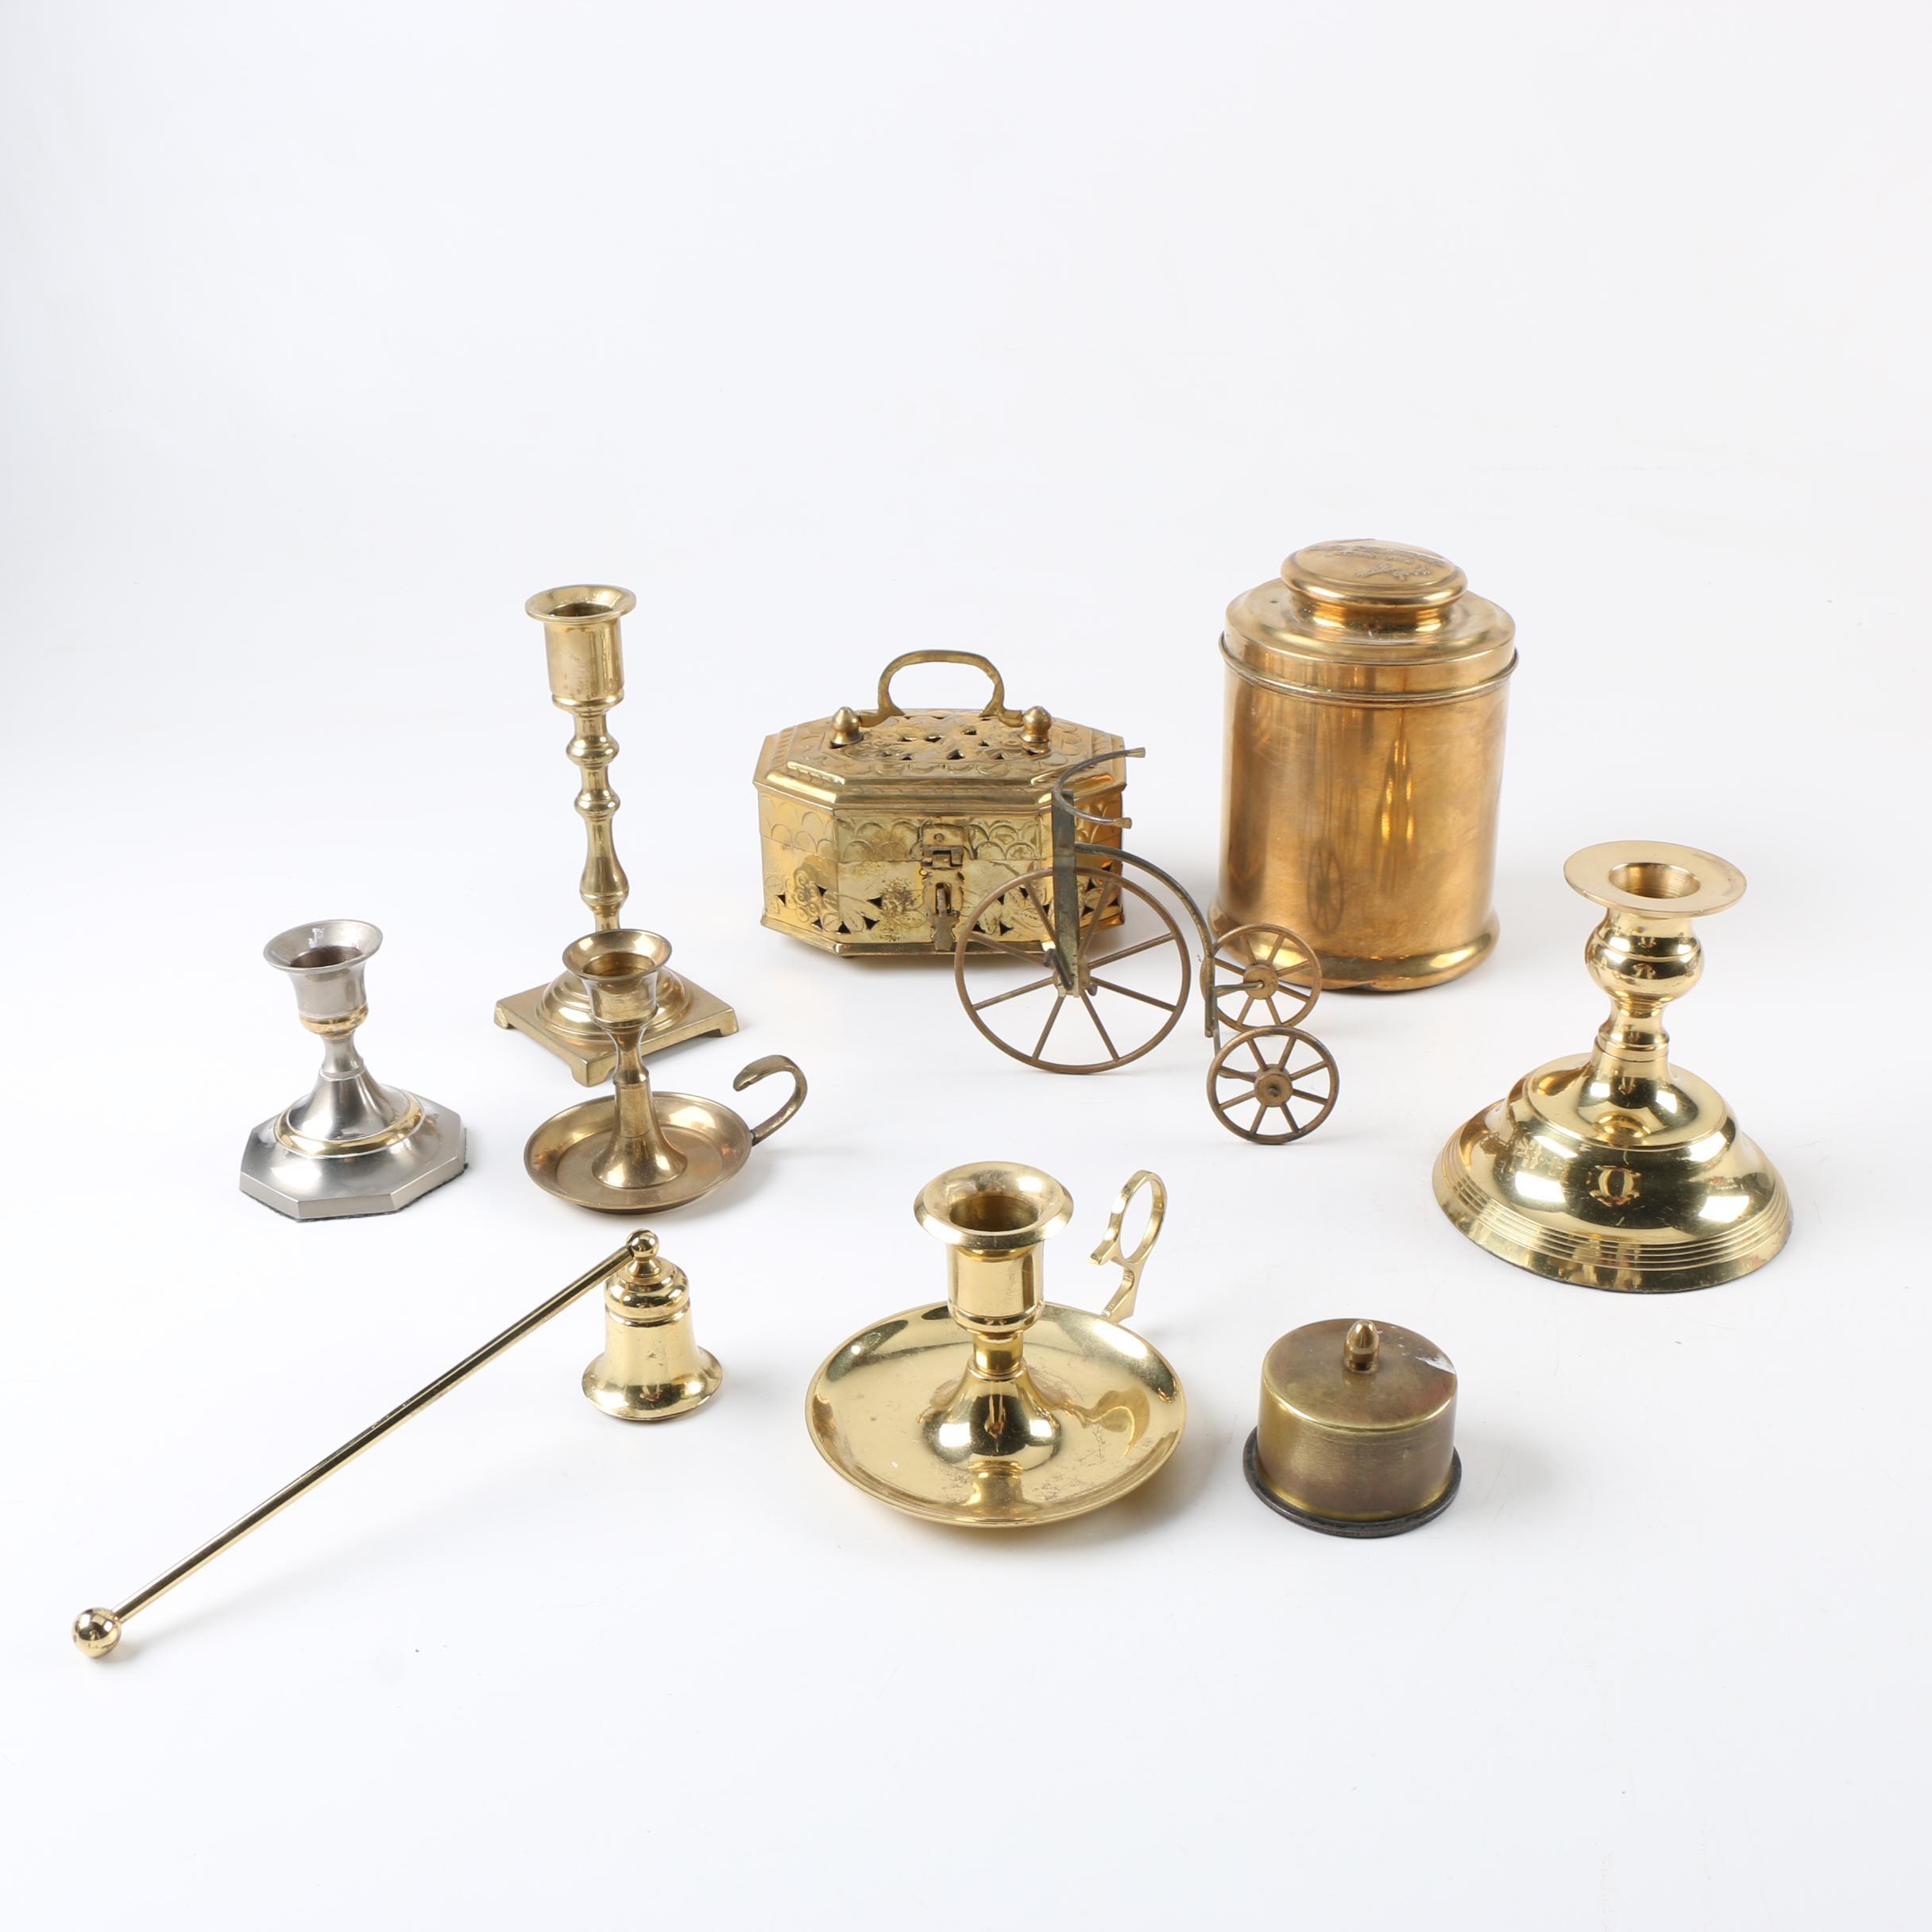 Brass Candlesticks and Decor